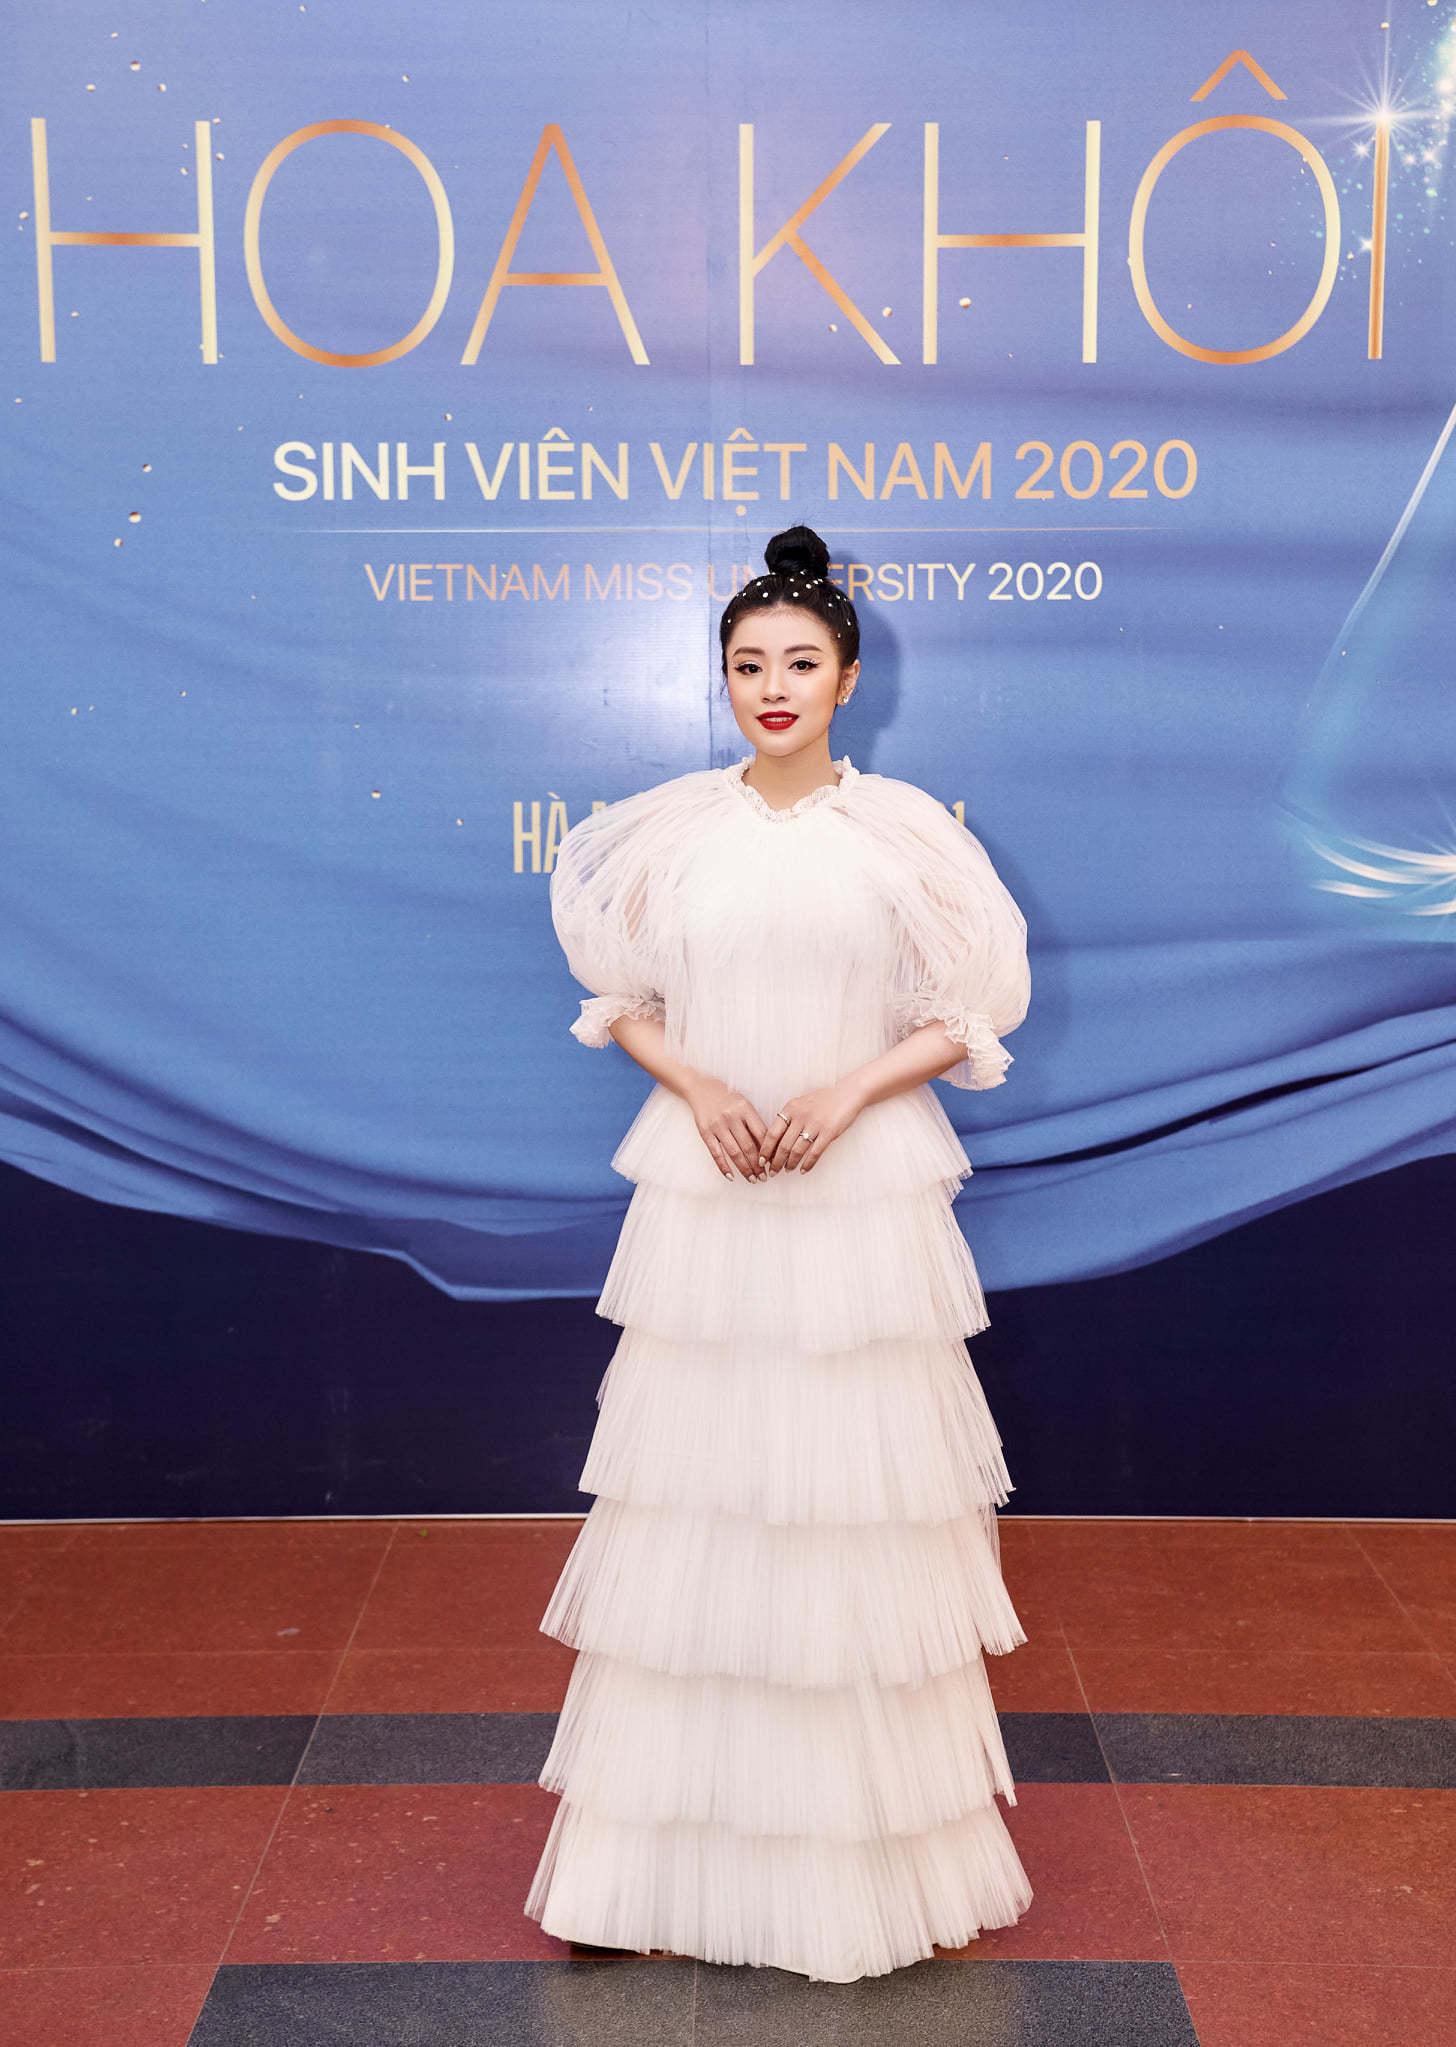 Sao mai Thu Hằng diễn Chung kết Hoa khôi sinh viên